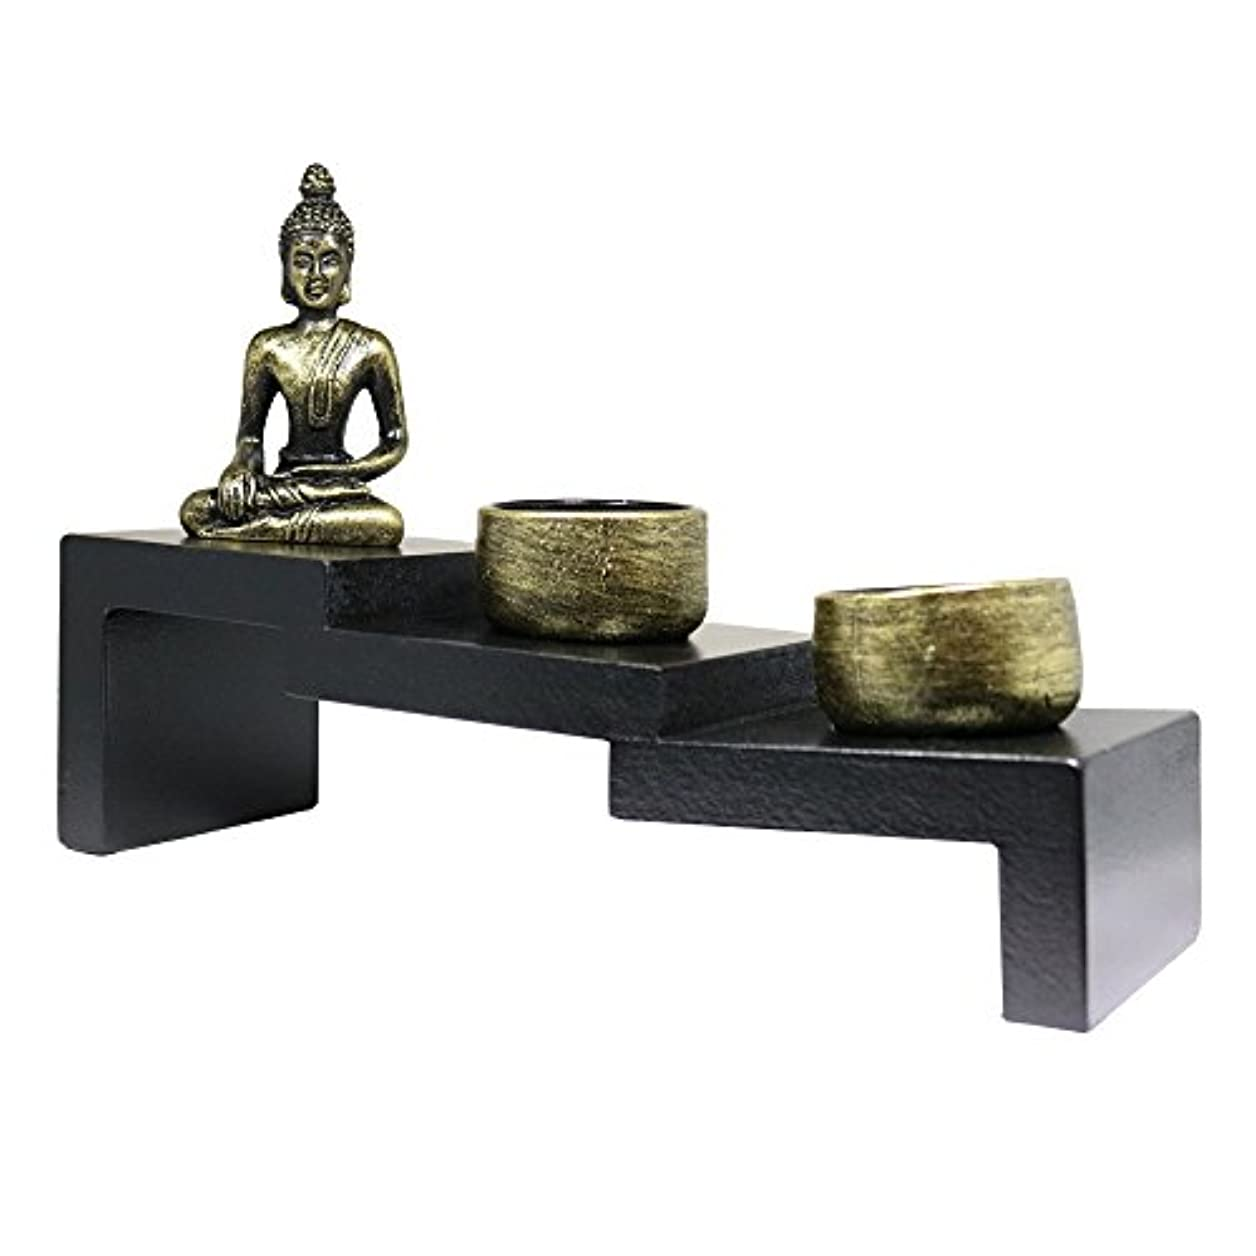 有能な扇動するホバー(Buddha Stairs) - Tabletop Incense Burner Gifts & Decor Zen Garden Kit with Statue Candle Holder USA SELLER (Buddha...